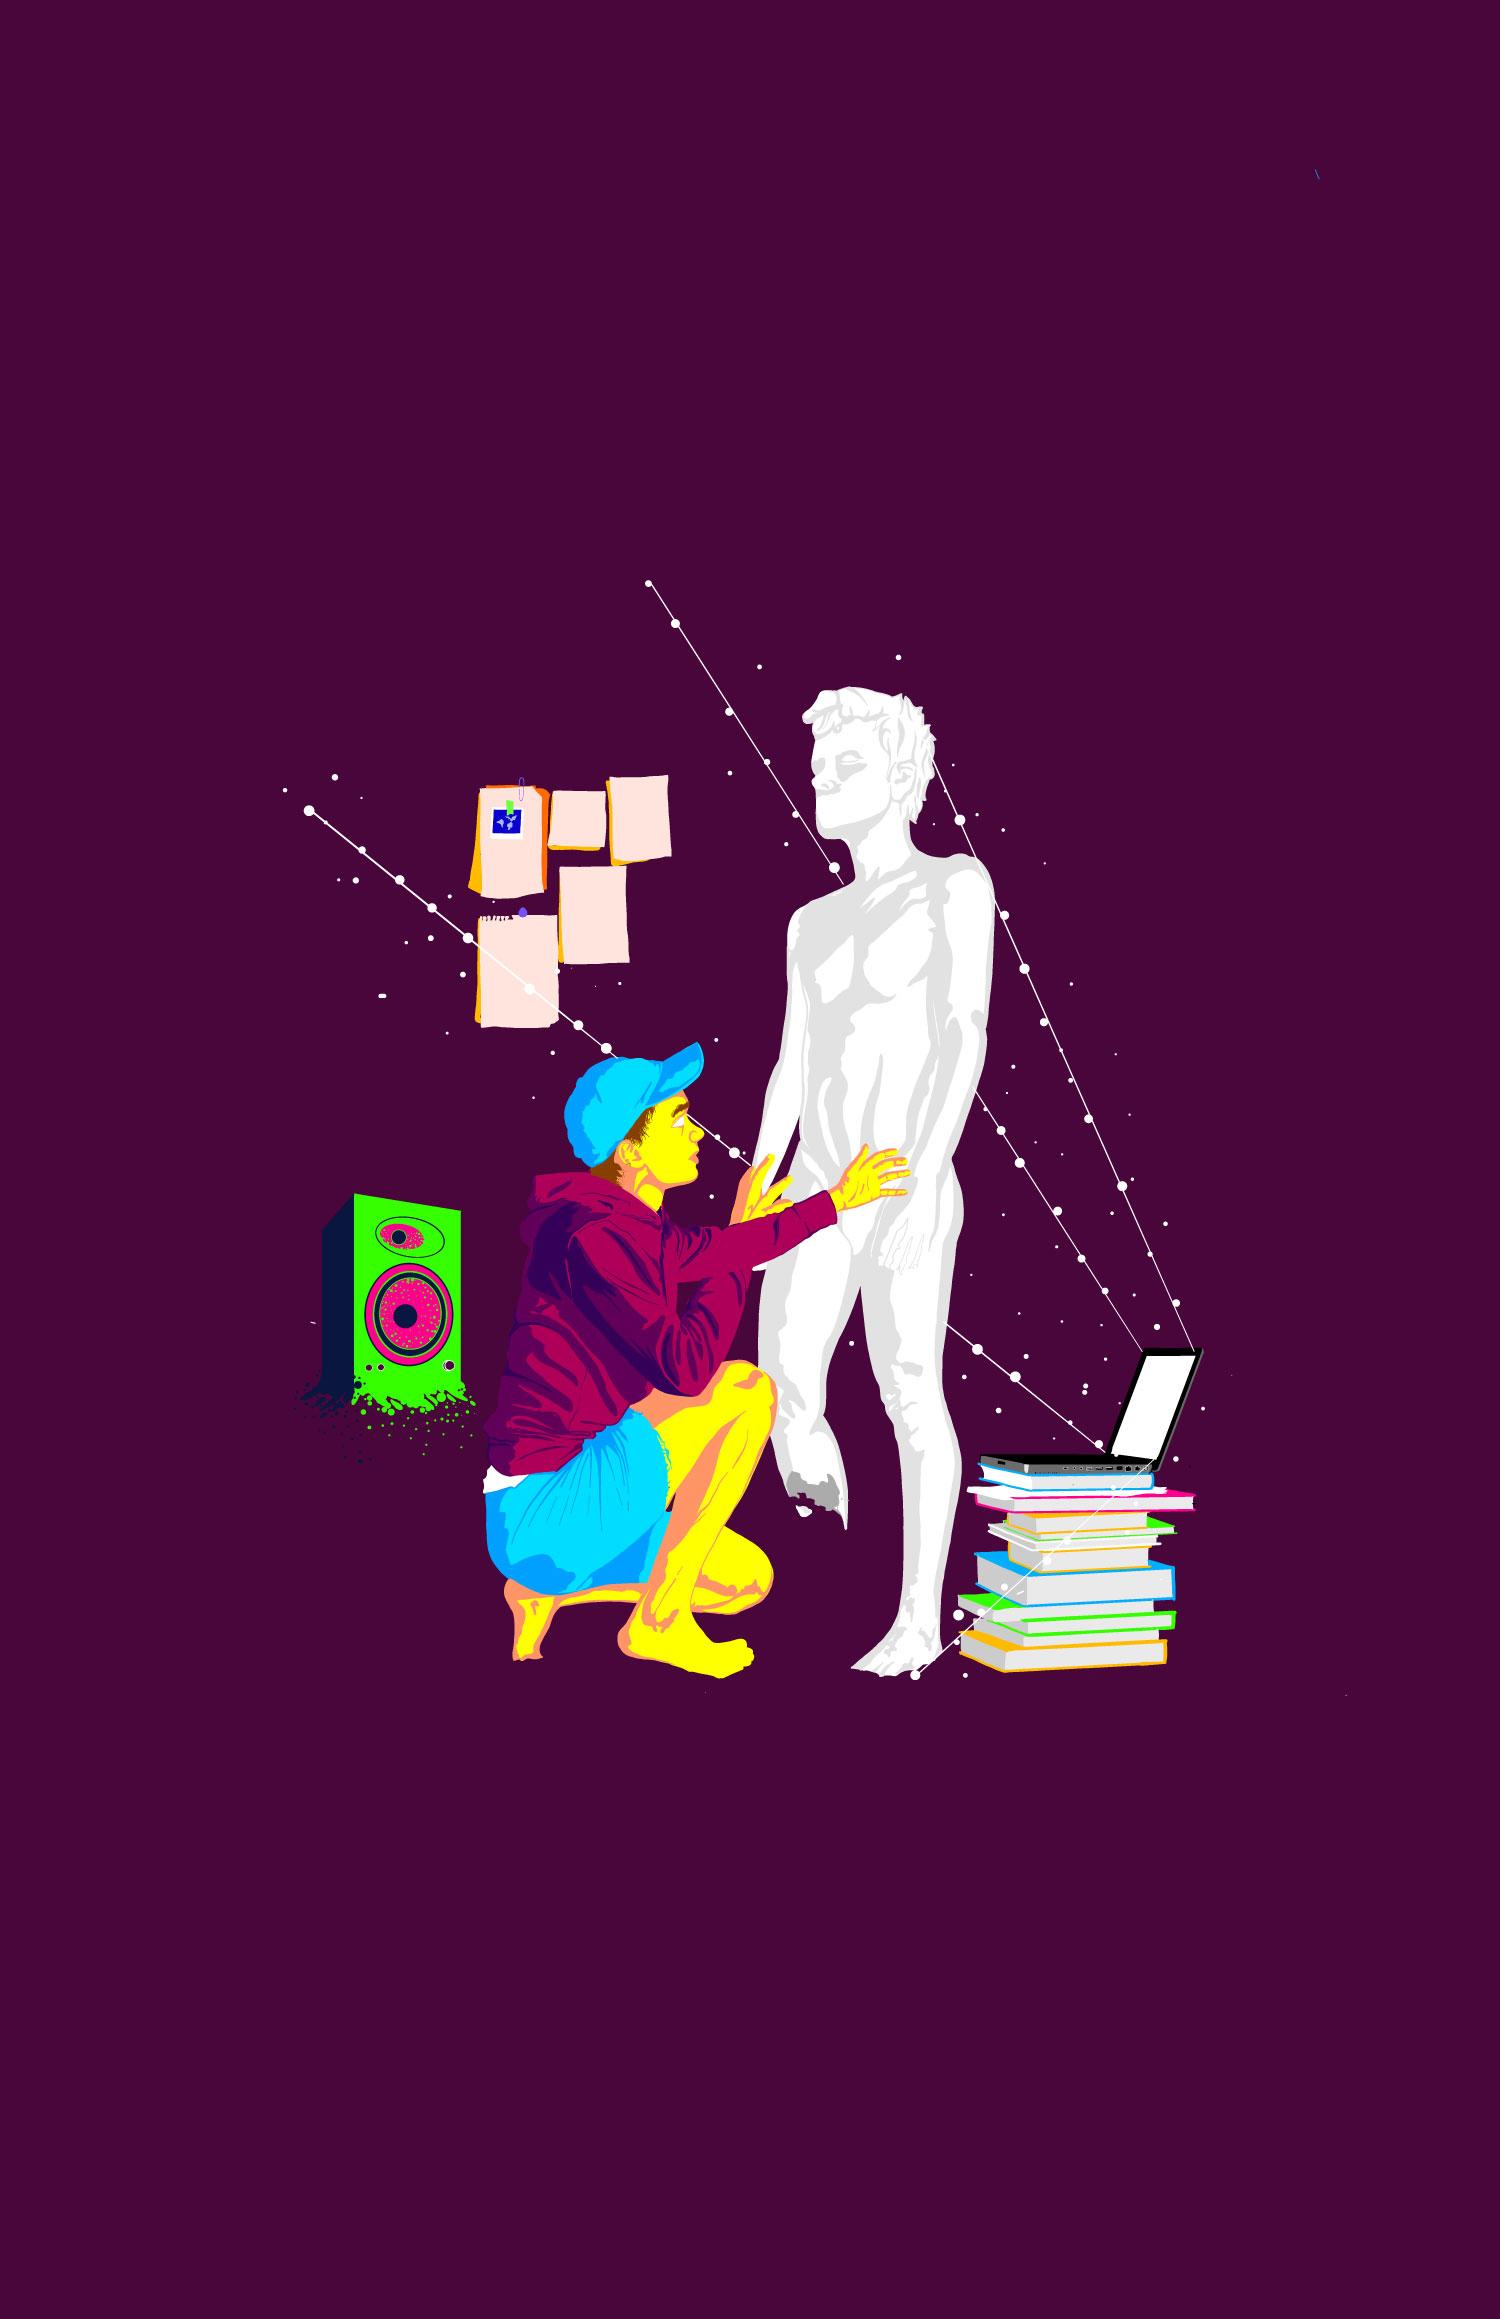 Galeria virtual C20: crear en tiempos de cuarentena